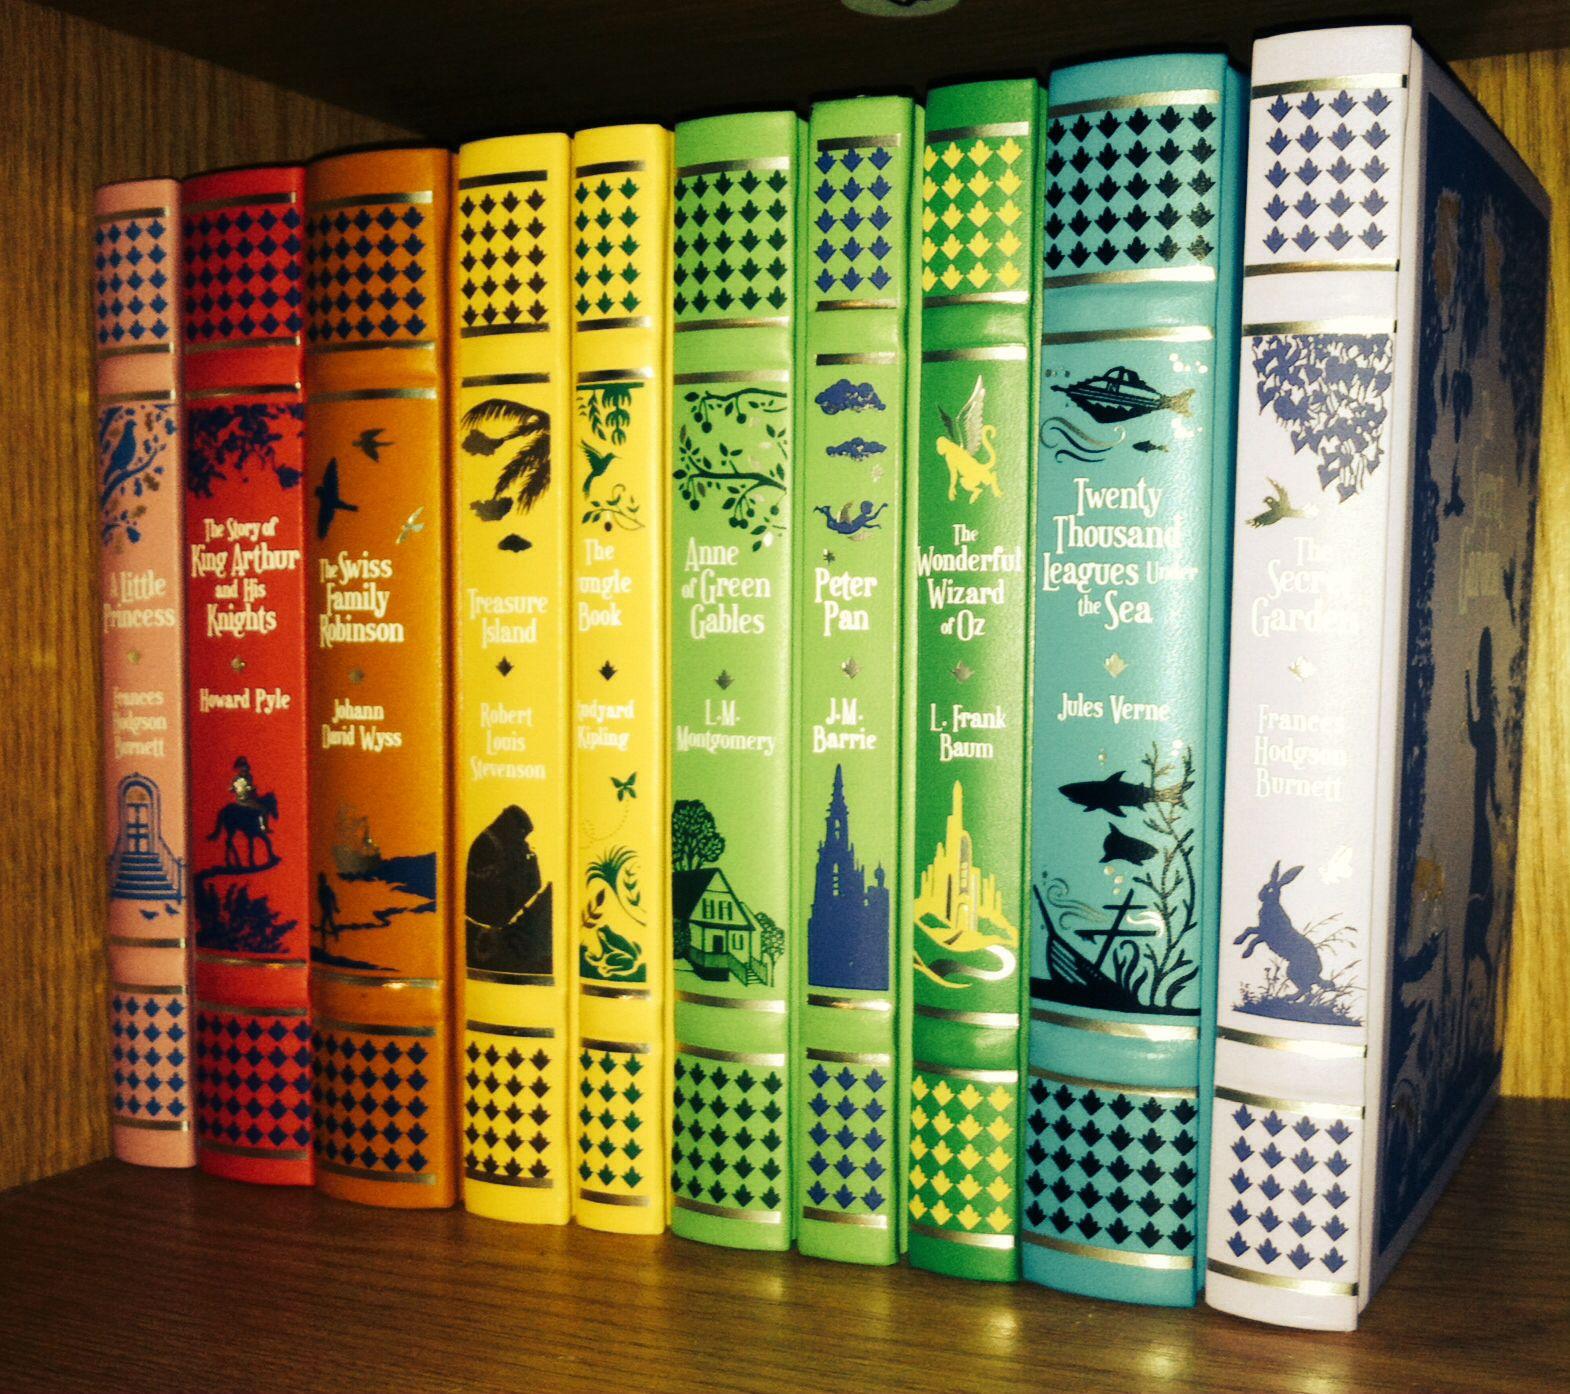 Amazon.com: barnes and noble bookstore: Books